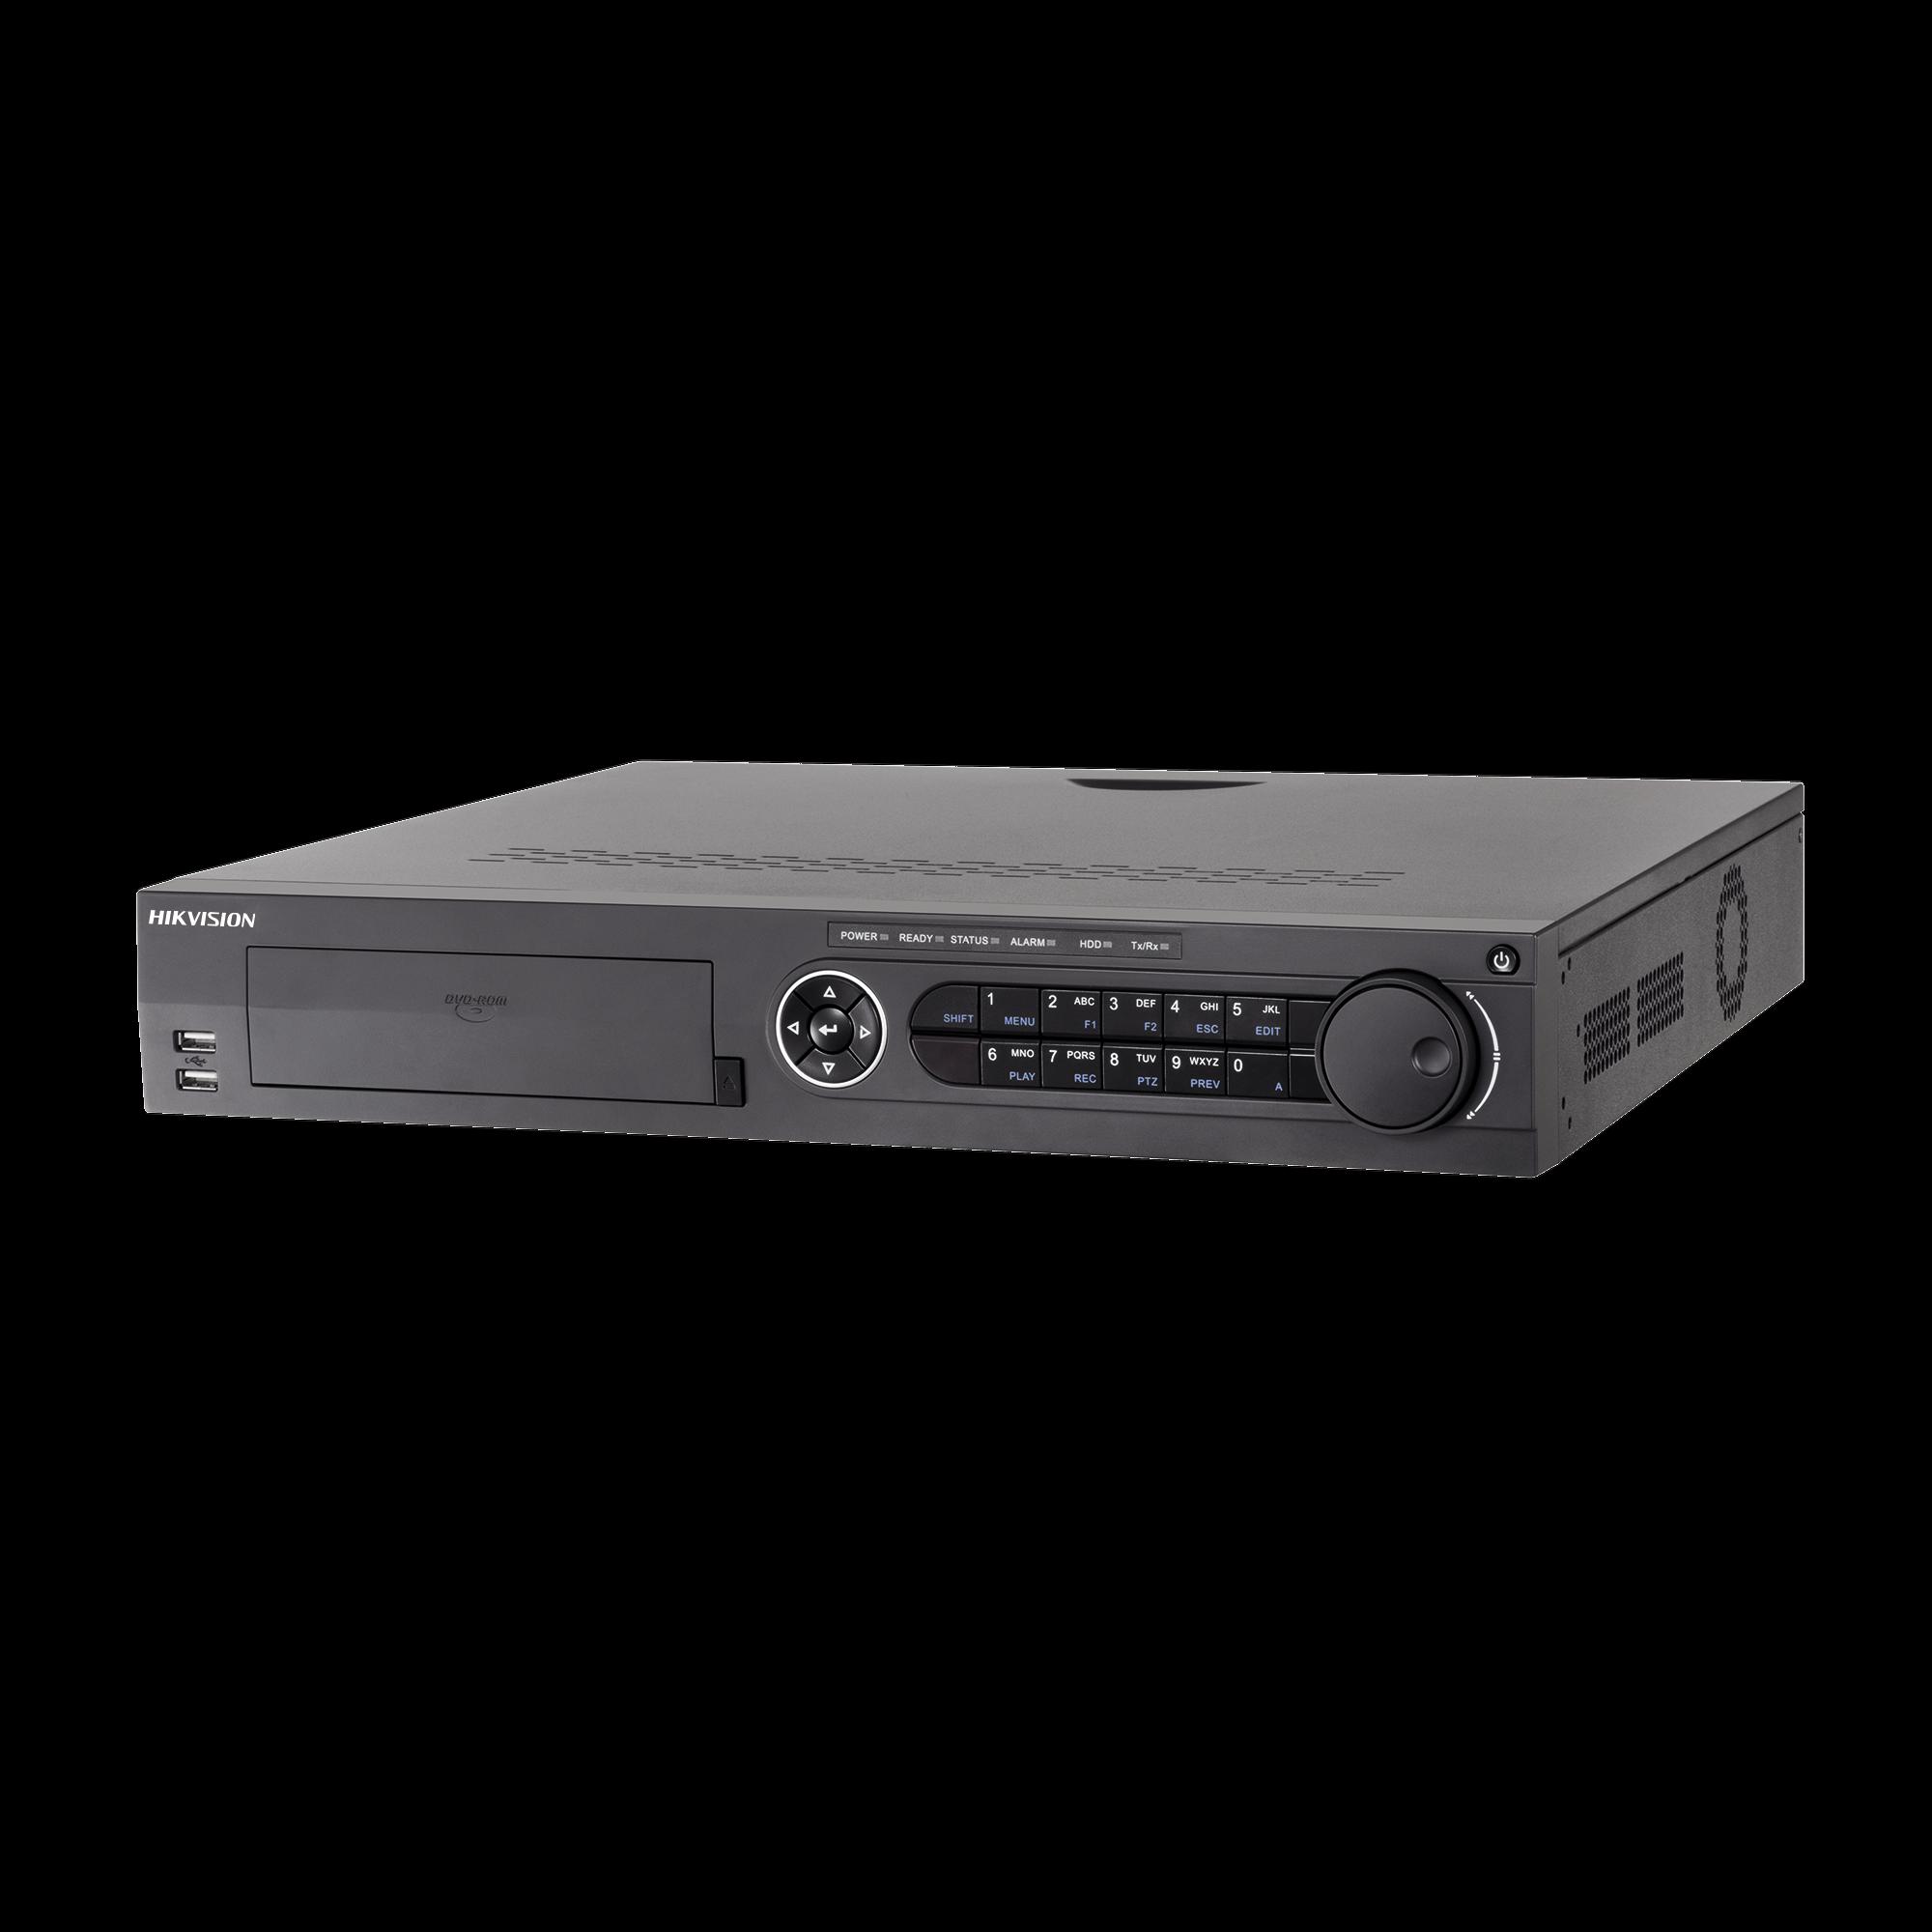 DVR 8 Megapixel / 24 Canales TURBOHD + 16 Canales IP / 4 Bahías de Disco Duro / 4 Canales de Audio / Videoanalisis / 16 Entradas de Alarma / Arreglo RAID